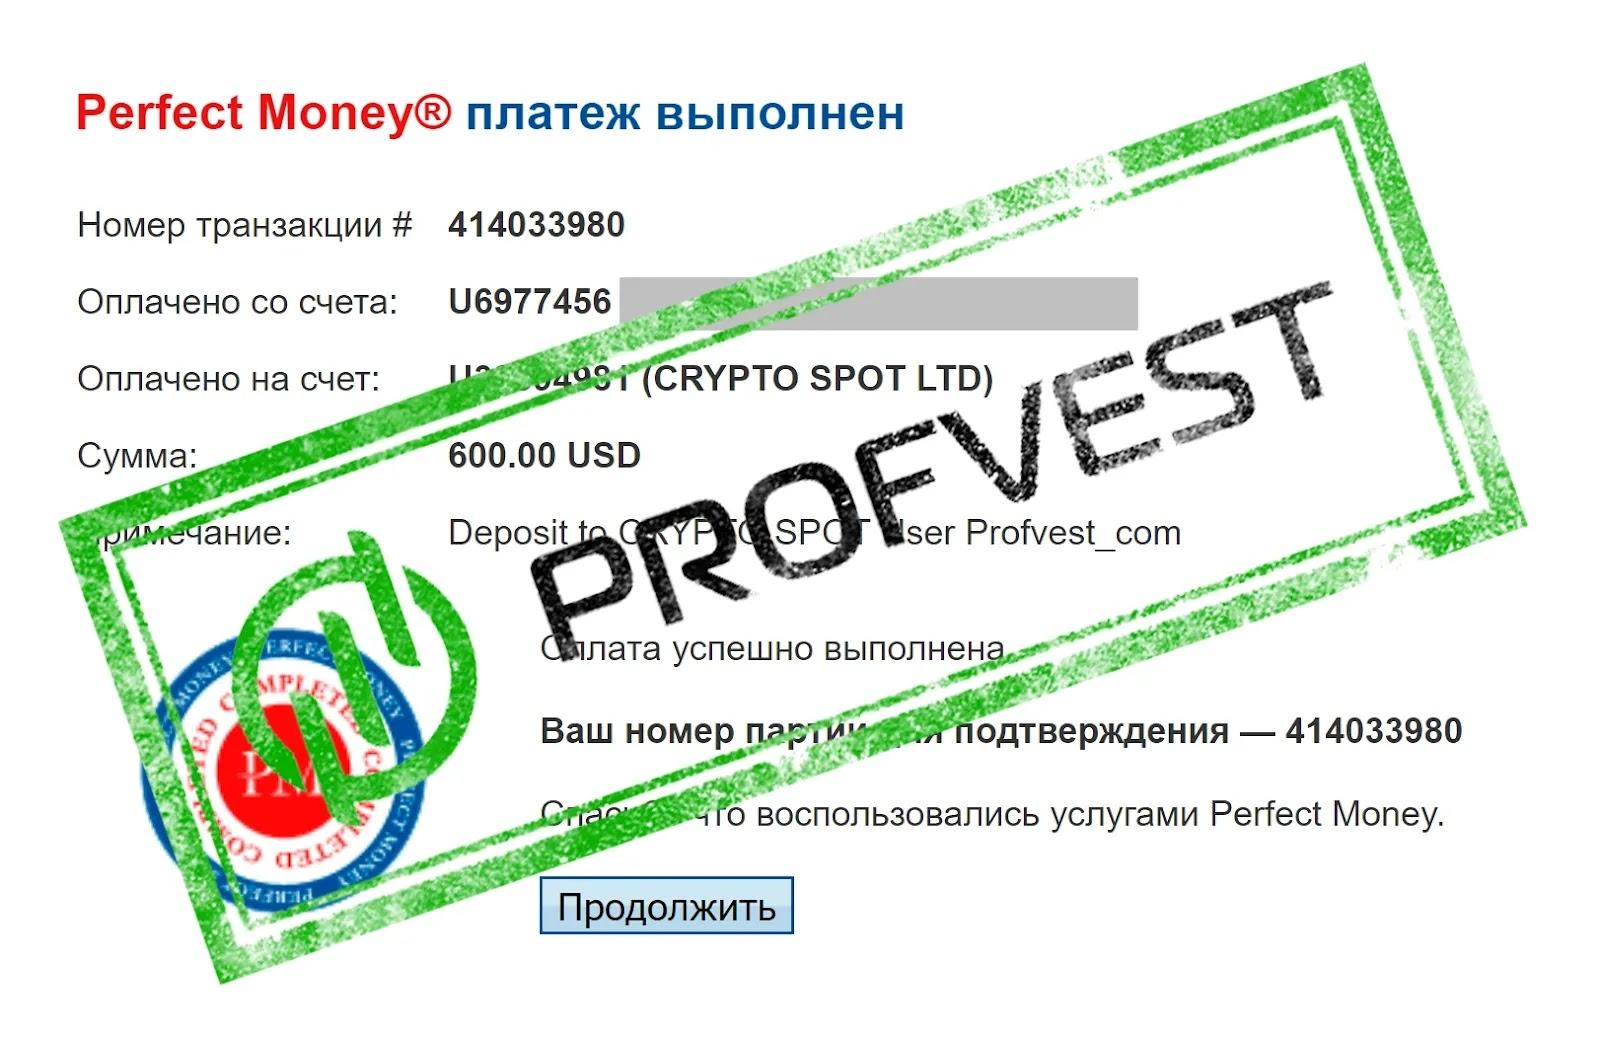 Депозит в CryptoSpot